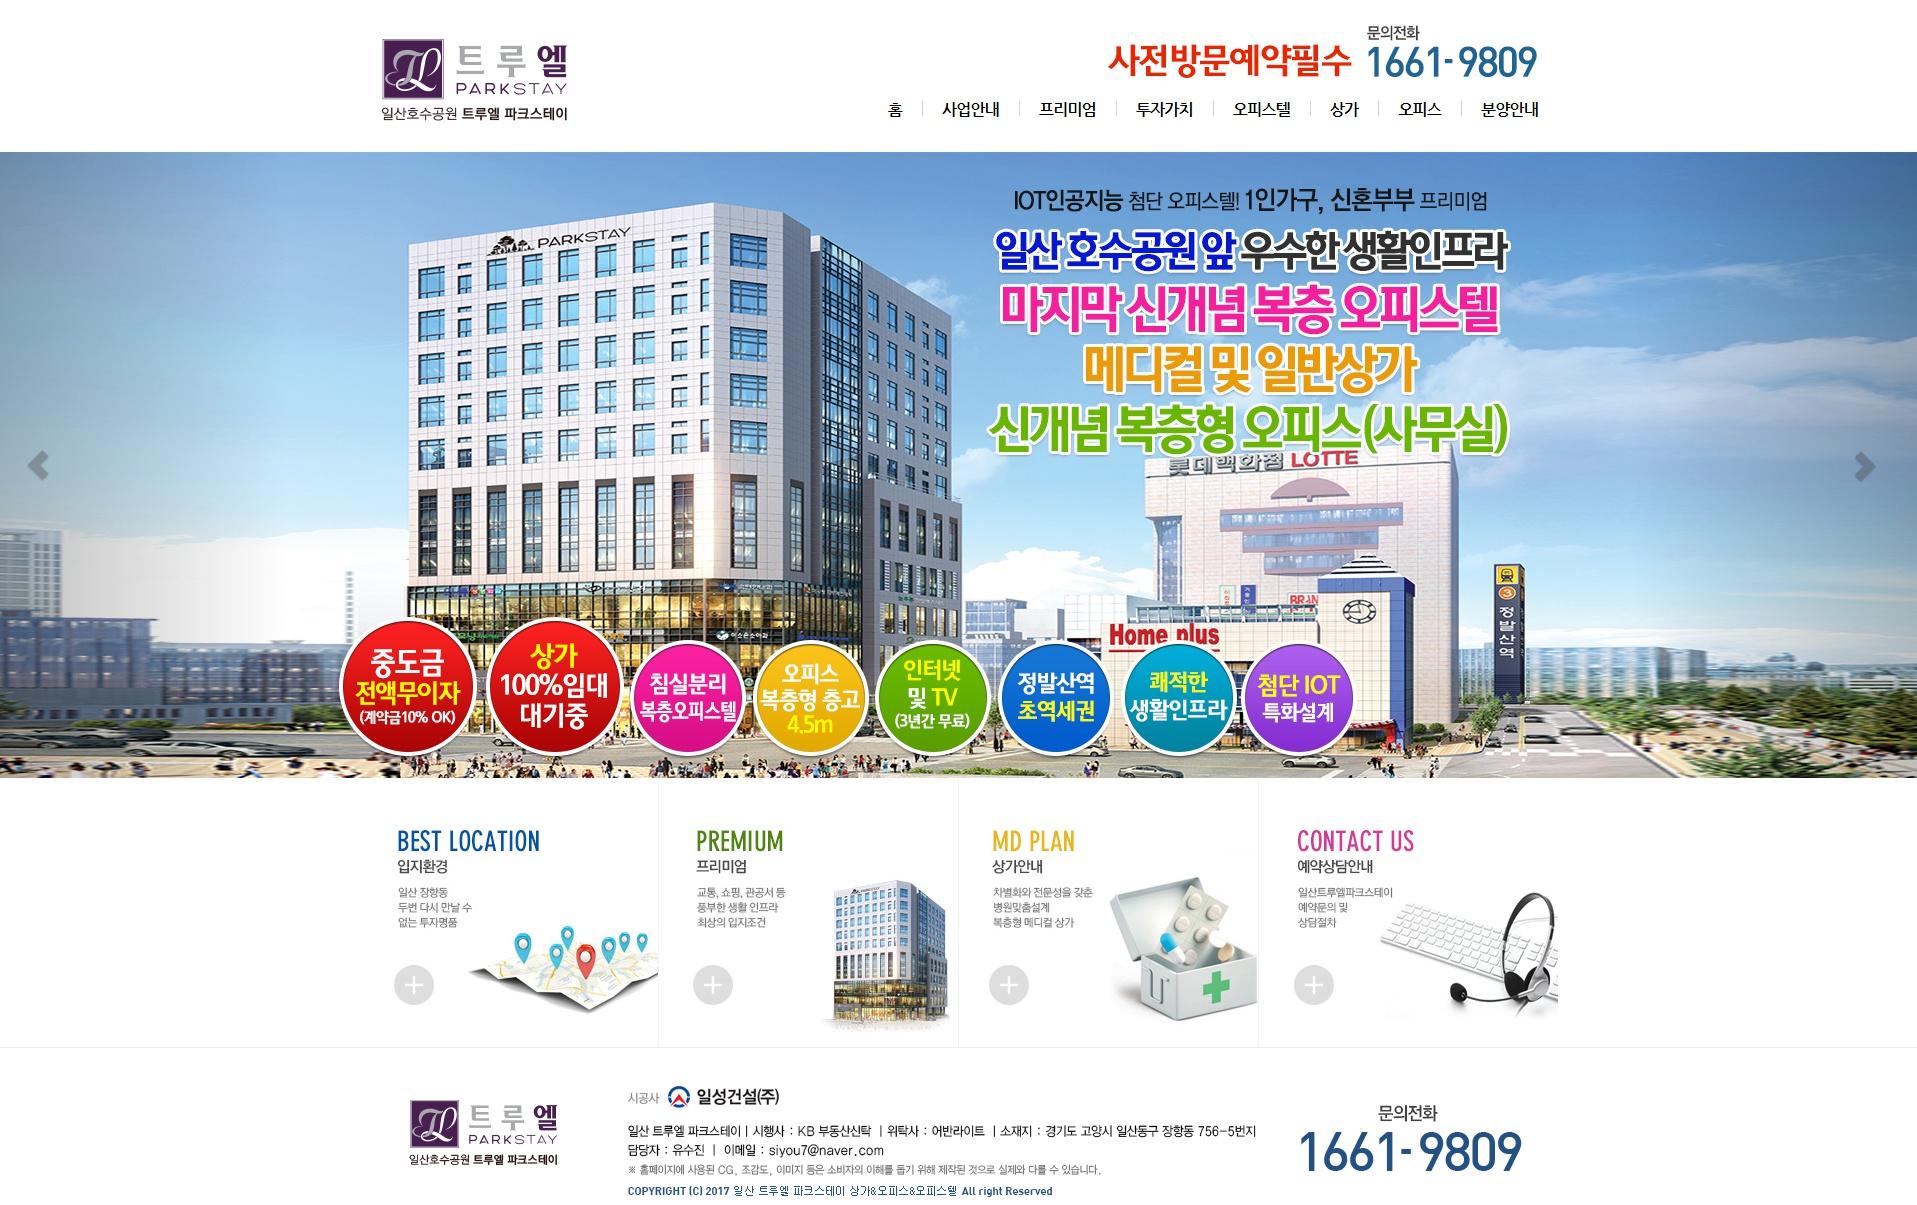 일산트루엘파크스테이-대표홈페이지_com_20180209_151226.jpg